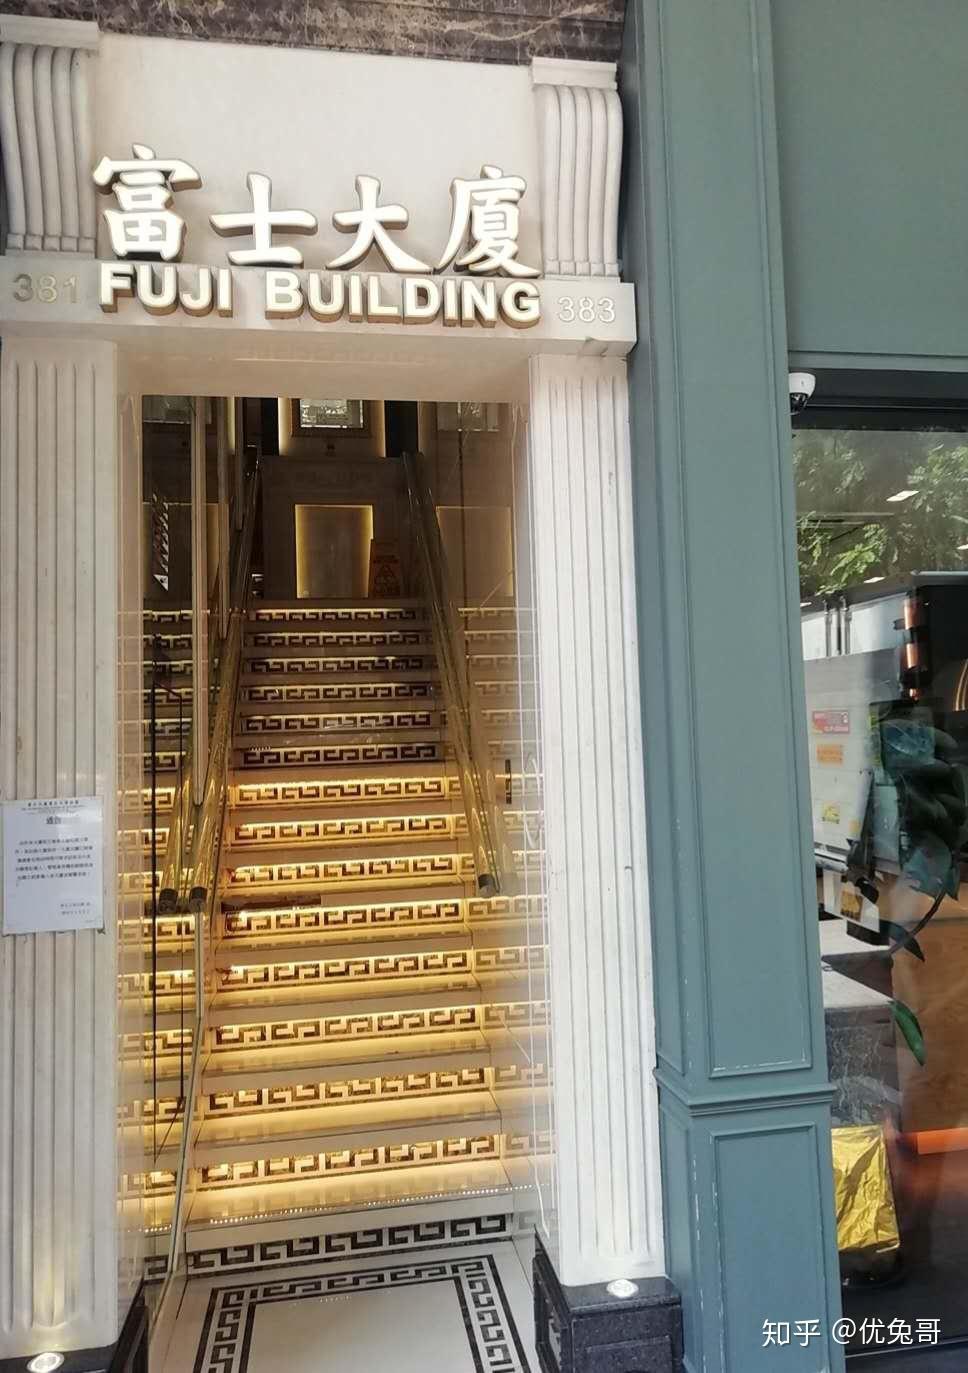 參觀香港富士大廈/香檳大廈/建興大廈是怎樣一種體驗? - 知乎